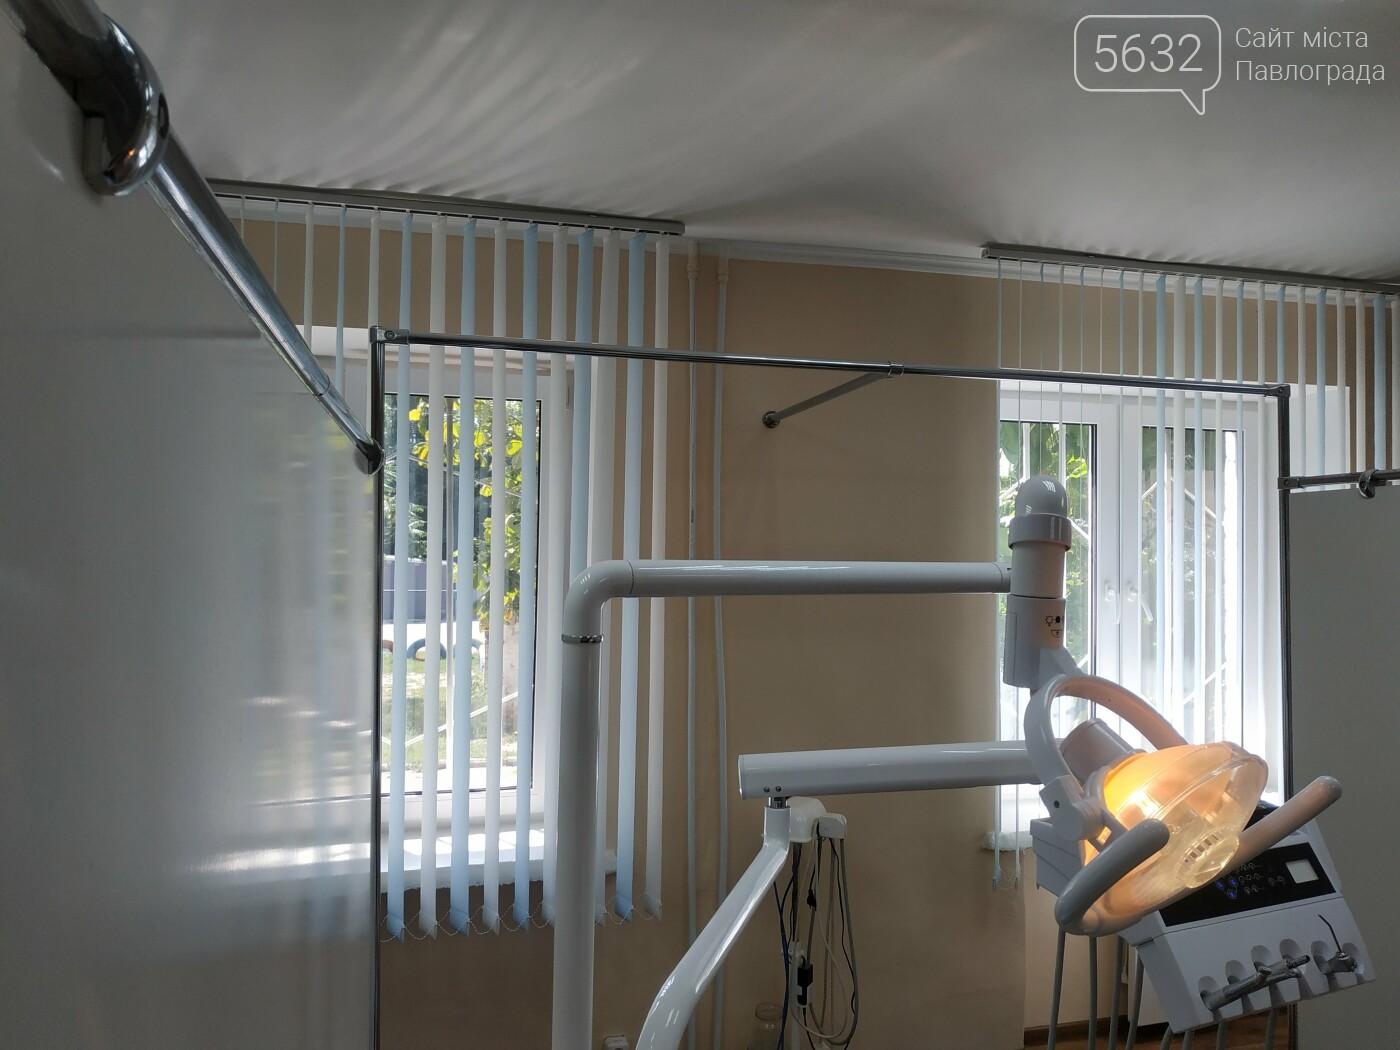 В павлоградской стоматполиклинике появилось новое оборудование, фото-2